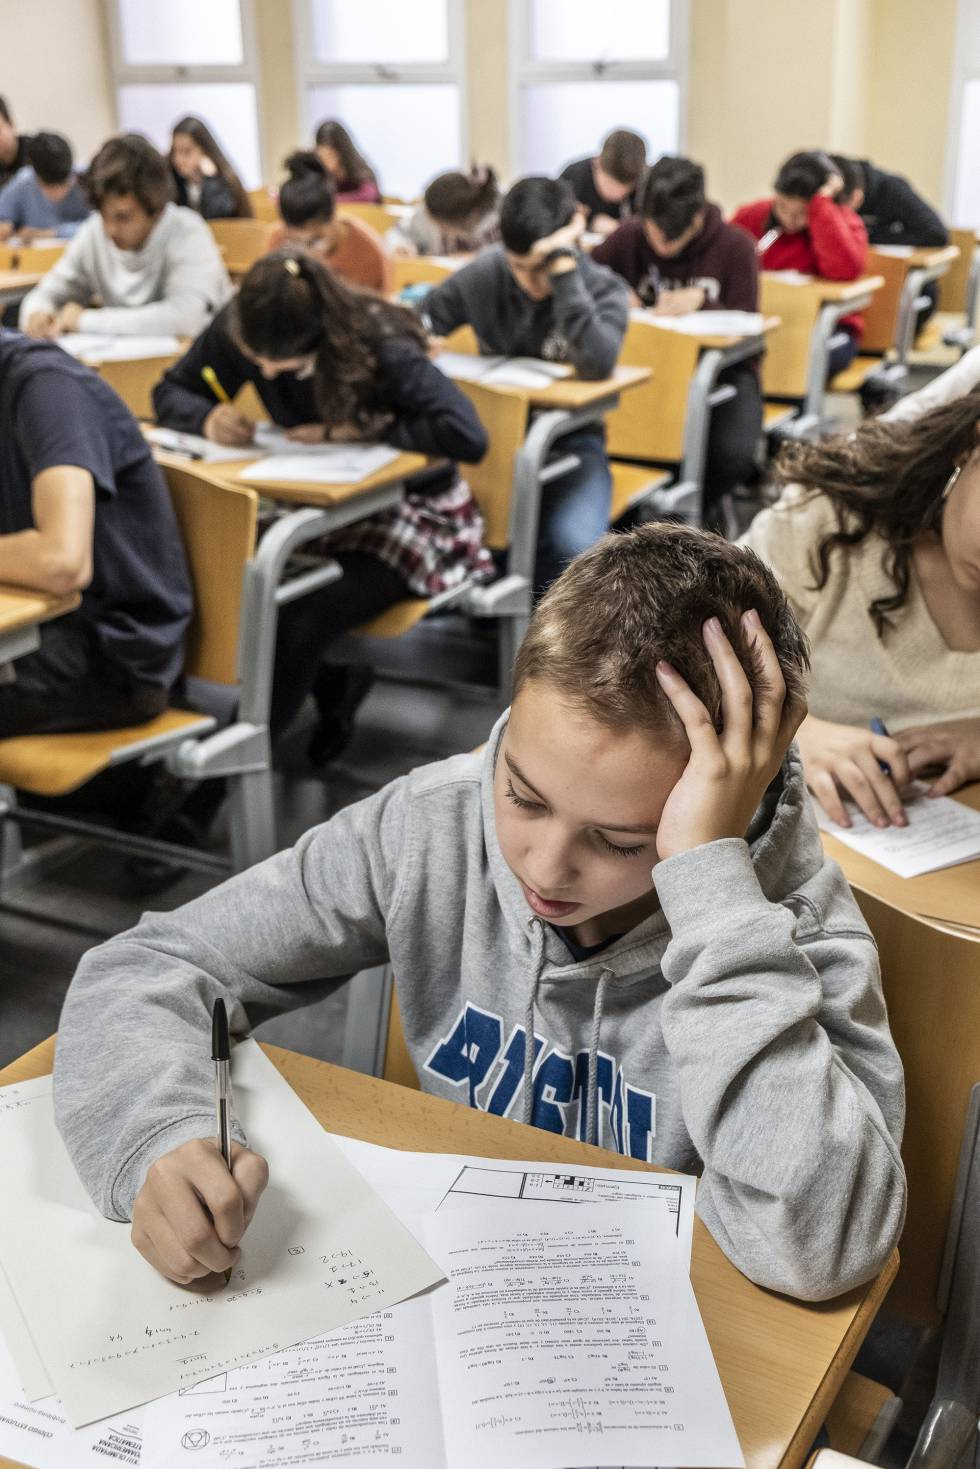 Álvaro Gamboa, de 13 años, el aspirante de menor edad en el examen de la fase cero de la Olimpiada Matemática, durante la prueba en la Universidad Complutense.